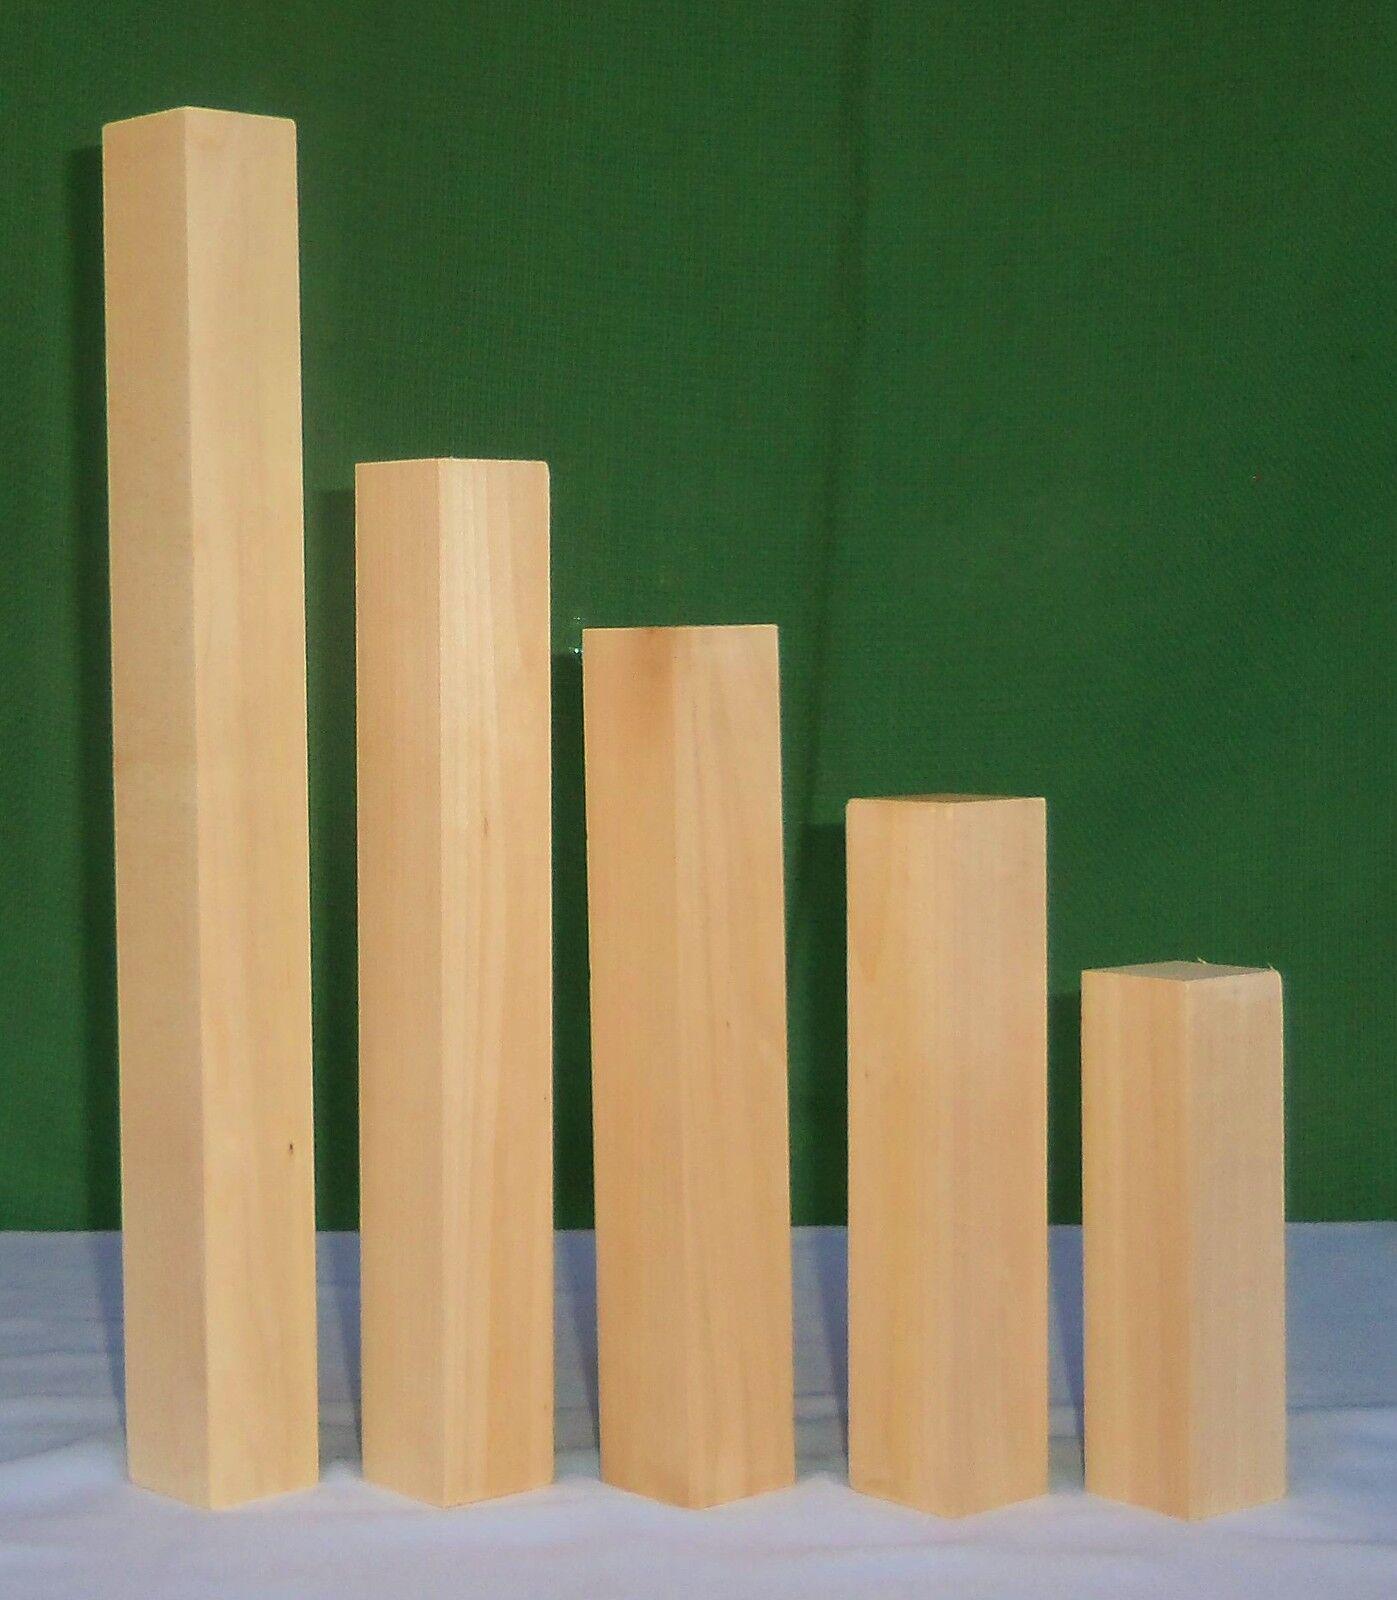 Lindenholz Linde drechseln schnitzen Schnitzholz Kantel große Auswahl 40mm